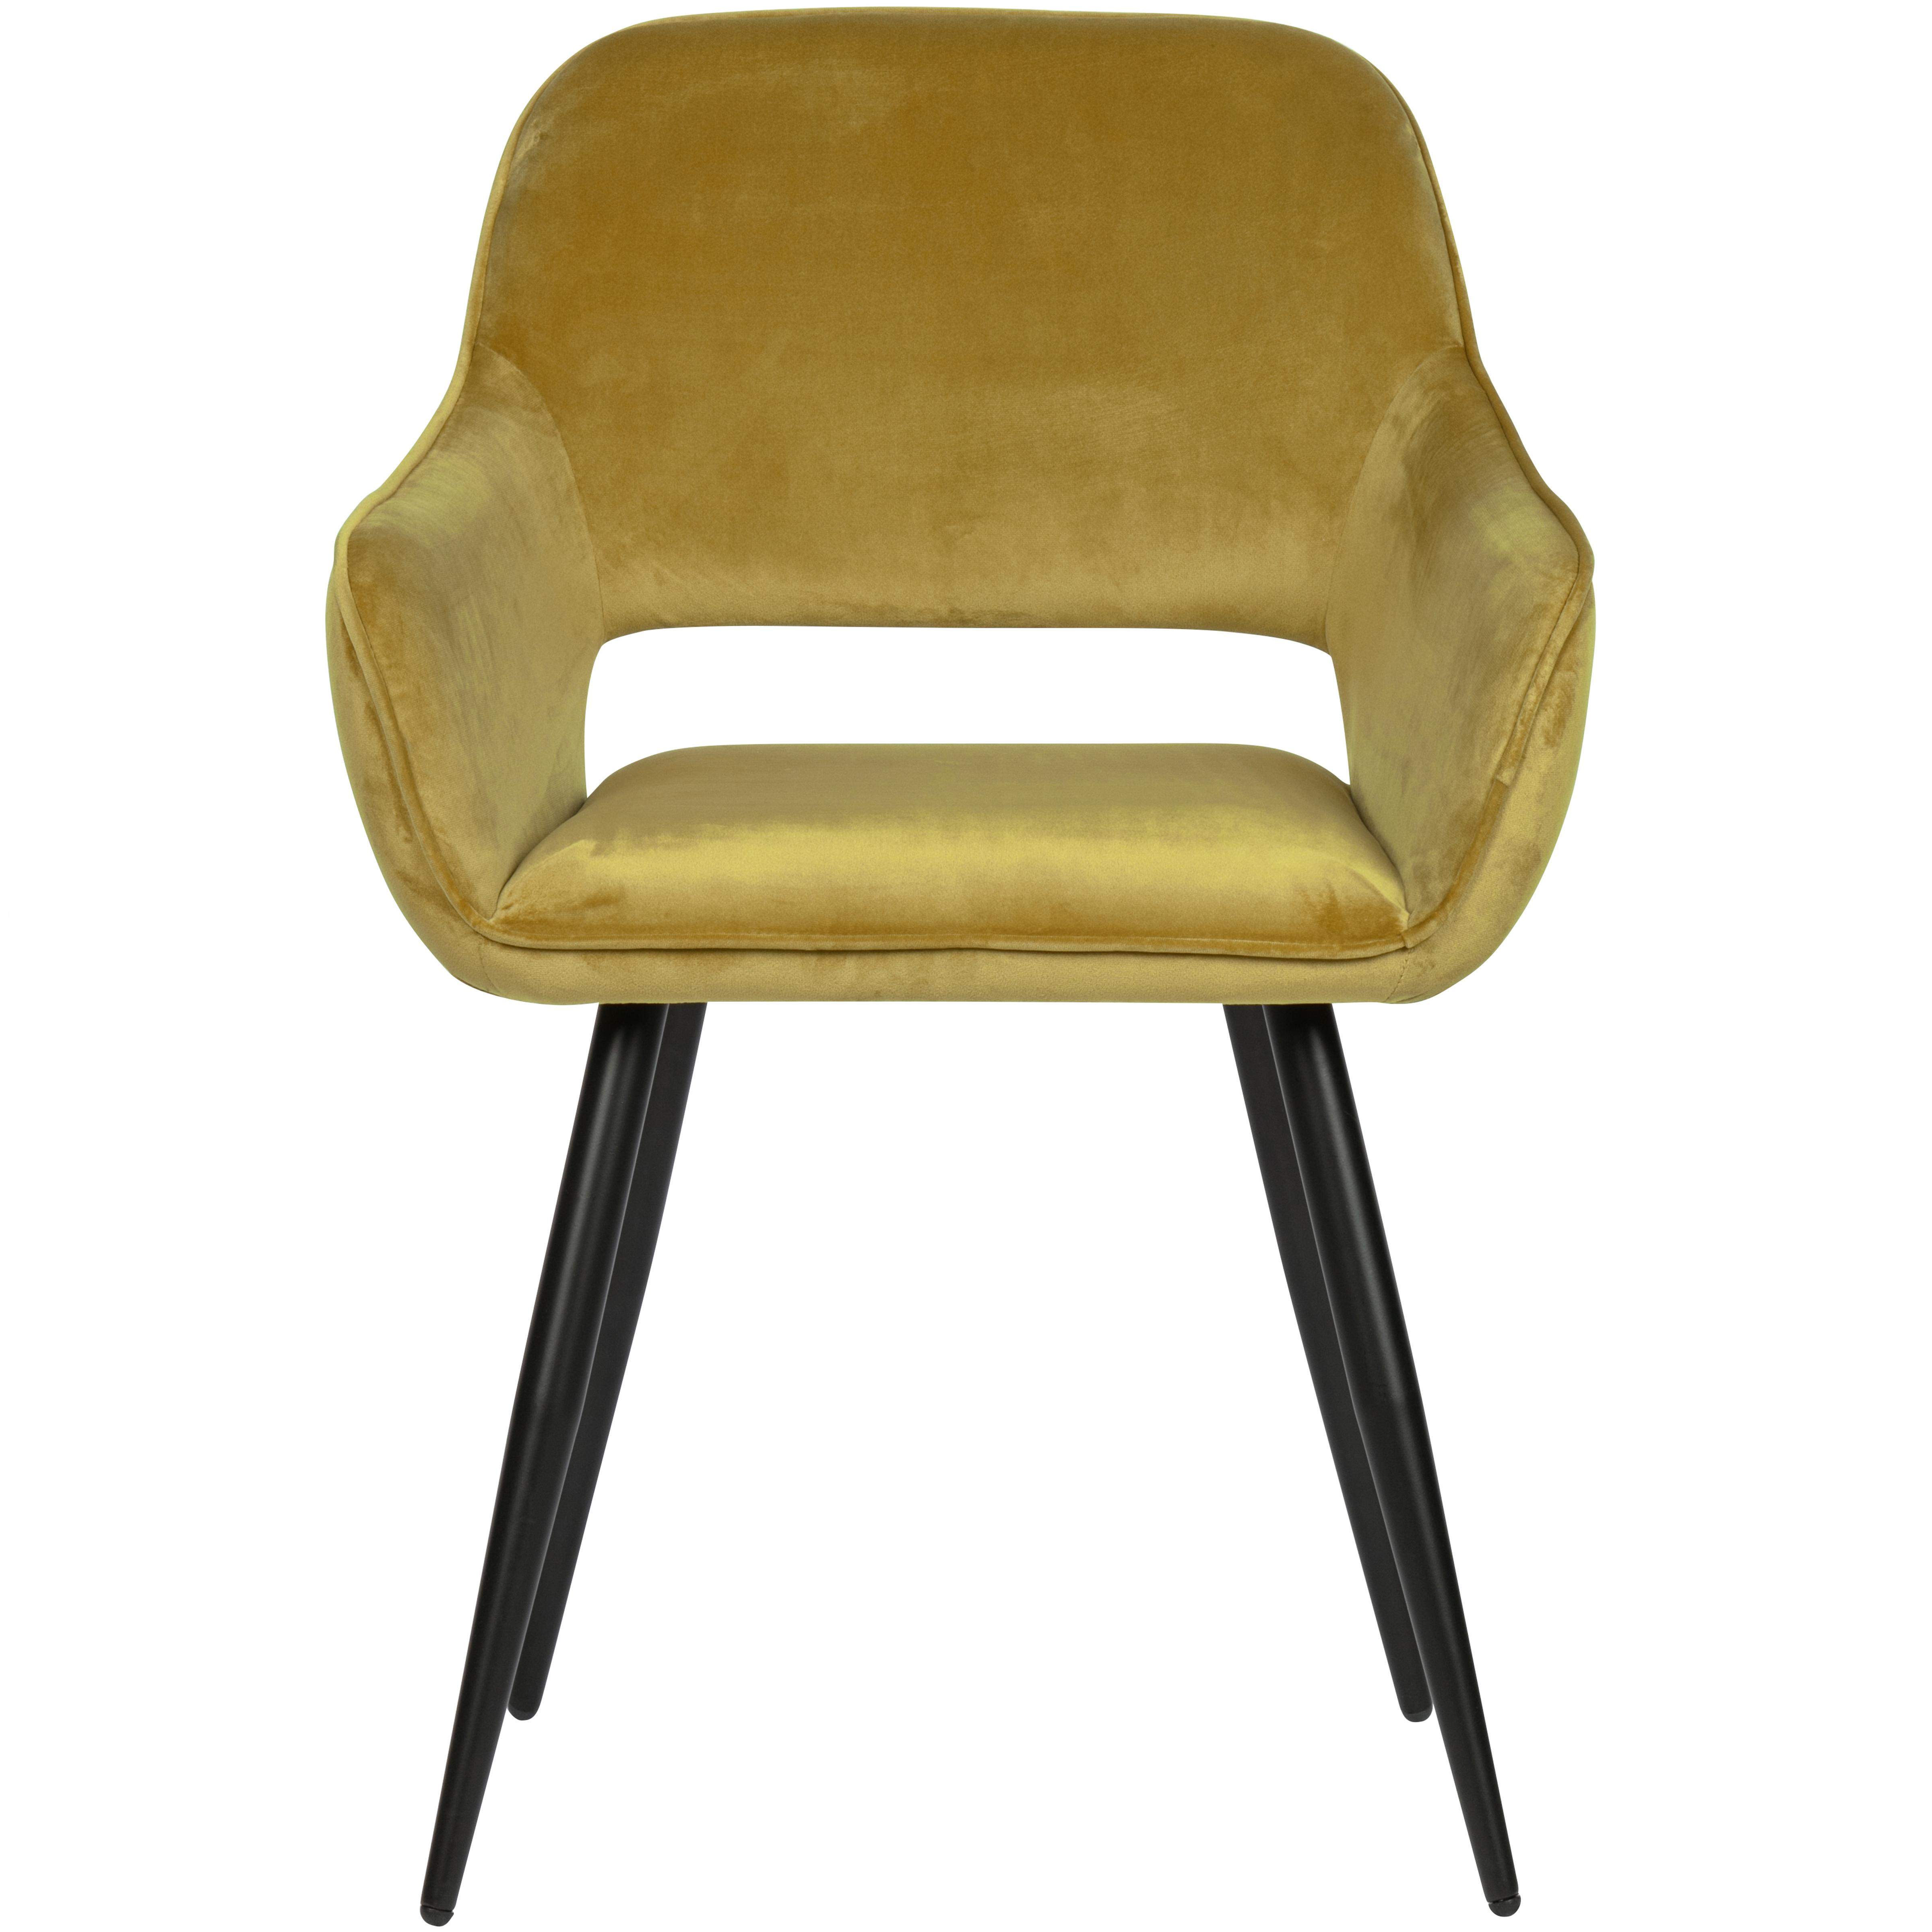 maison du monde 2 fauteuils de table en velours jaune moutarde